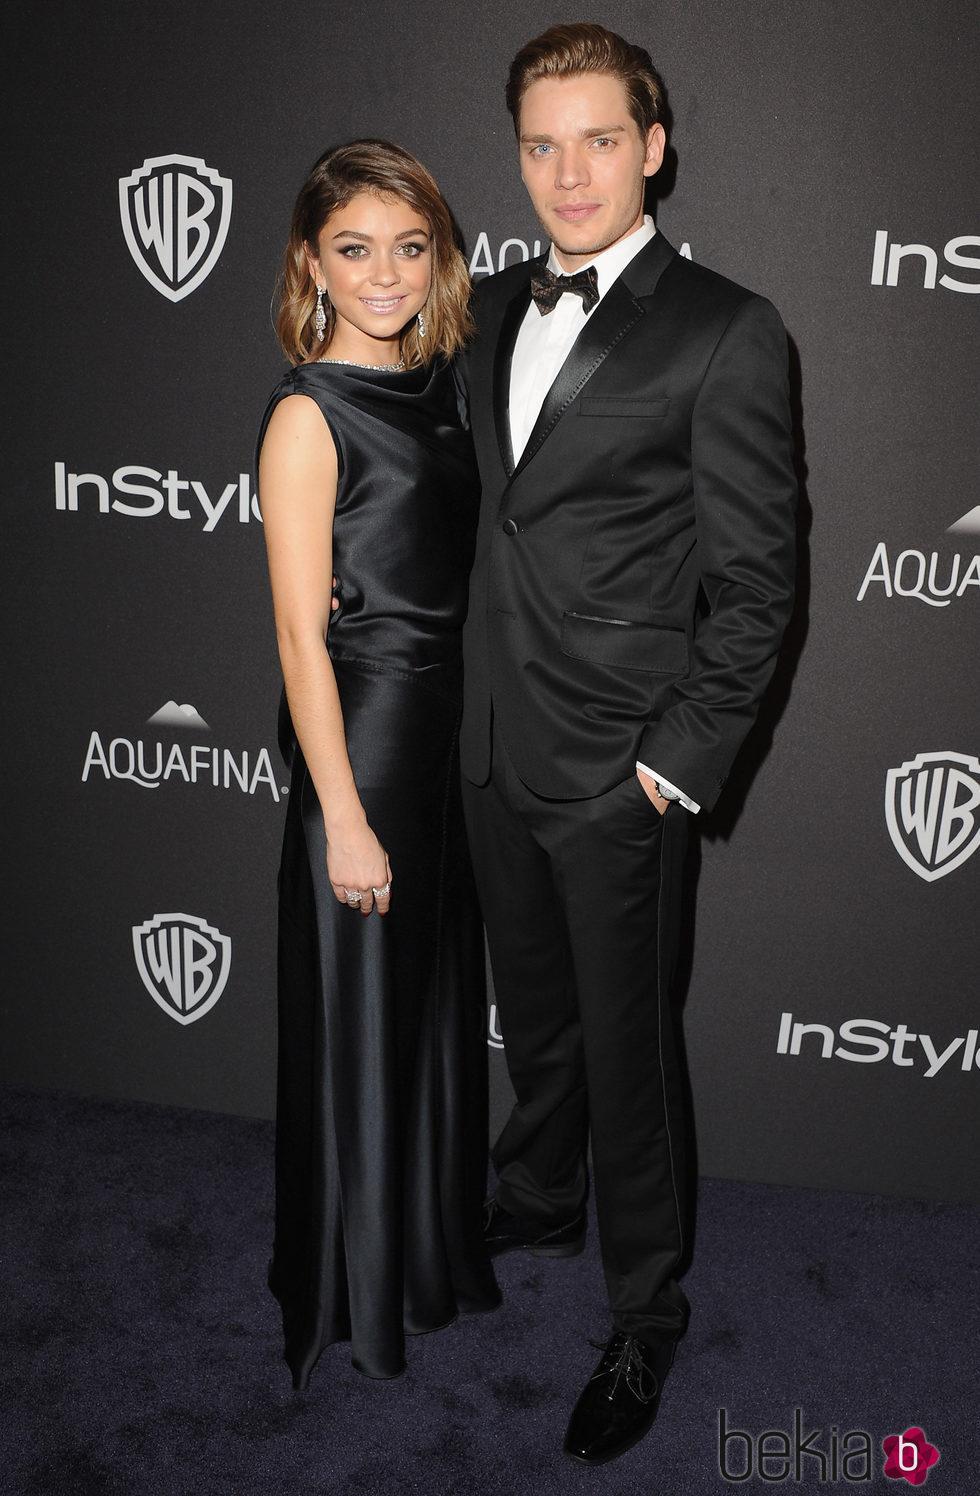 Sarah Hyland y Dominic Sherwood en la fiesta de InStyle tras la entrega de los Globos de Oro 2016